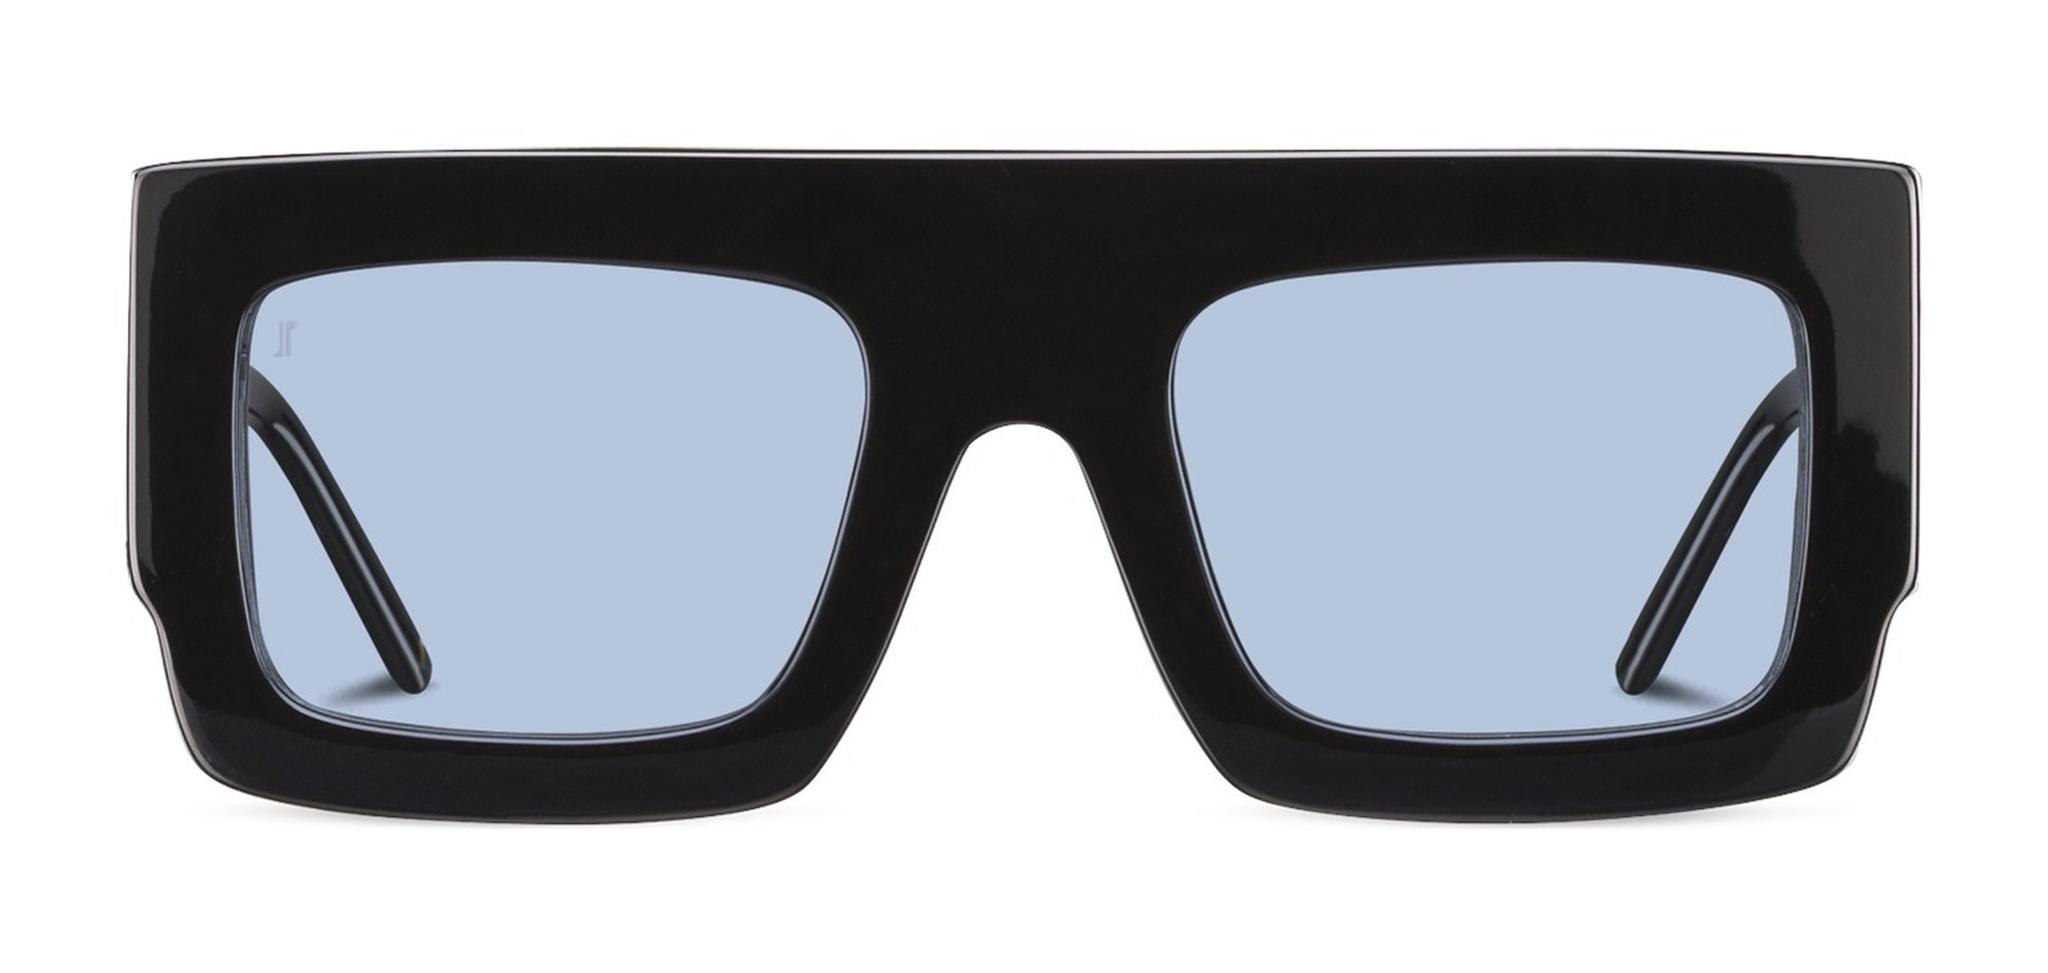 Gafas de sol de la firma francesa JIMMY FAIRLY.